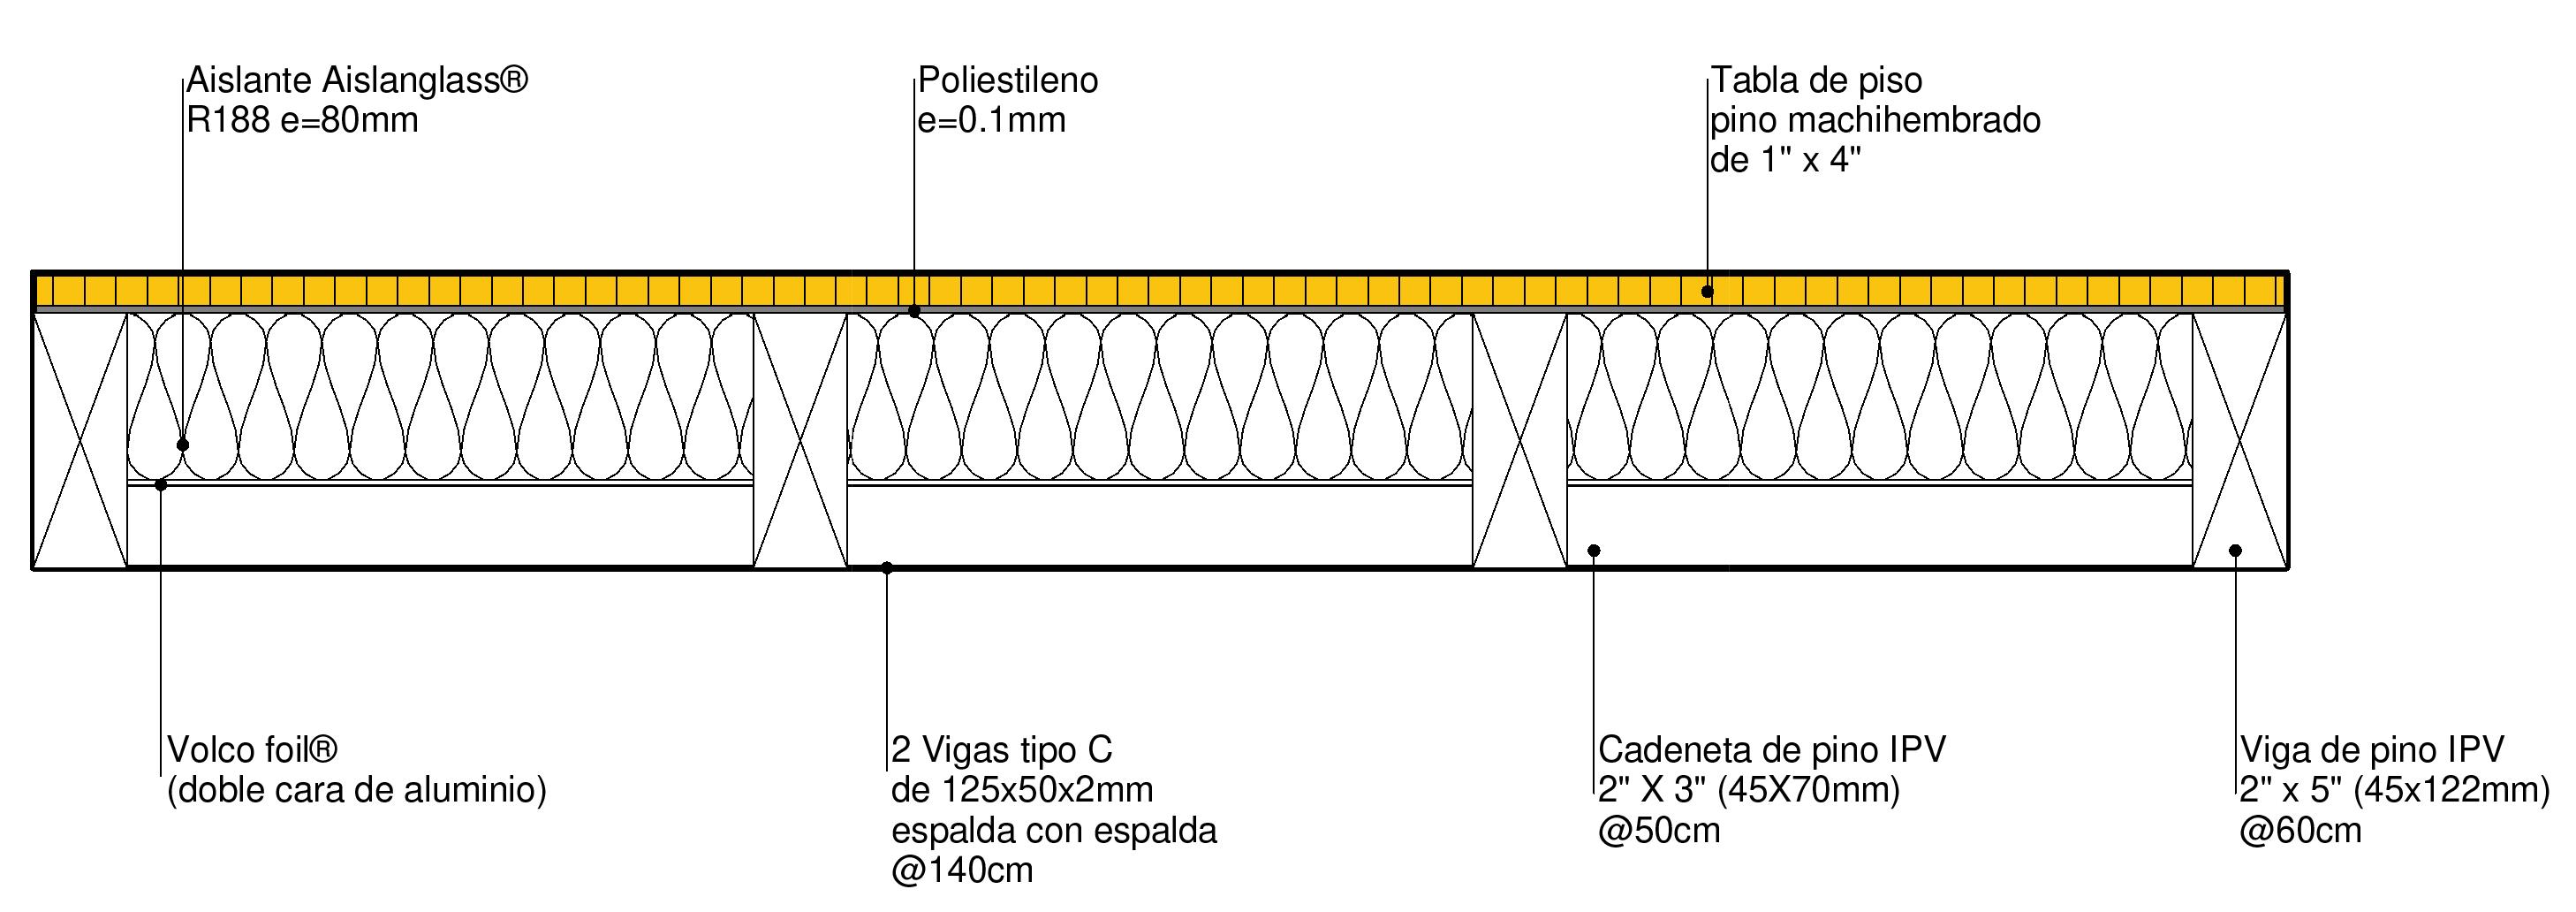 Piso Ventilado F-15 de Volcan en BIM. Solución en rvt, ifc, dwg, para revit, BIM, de Volcan